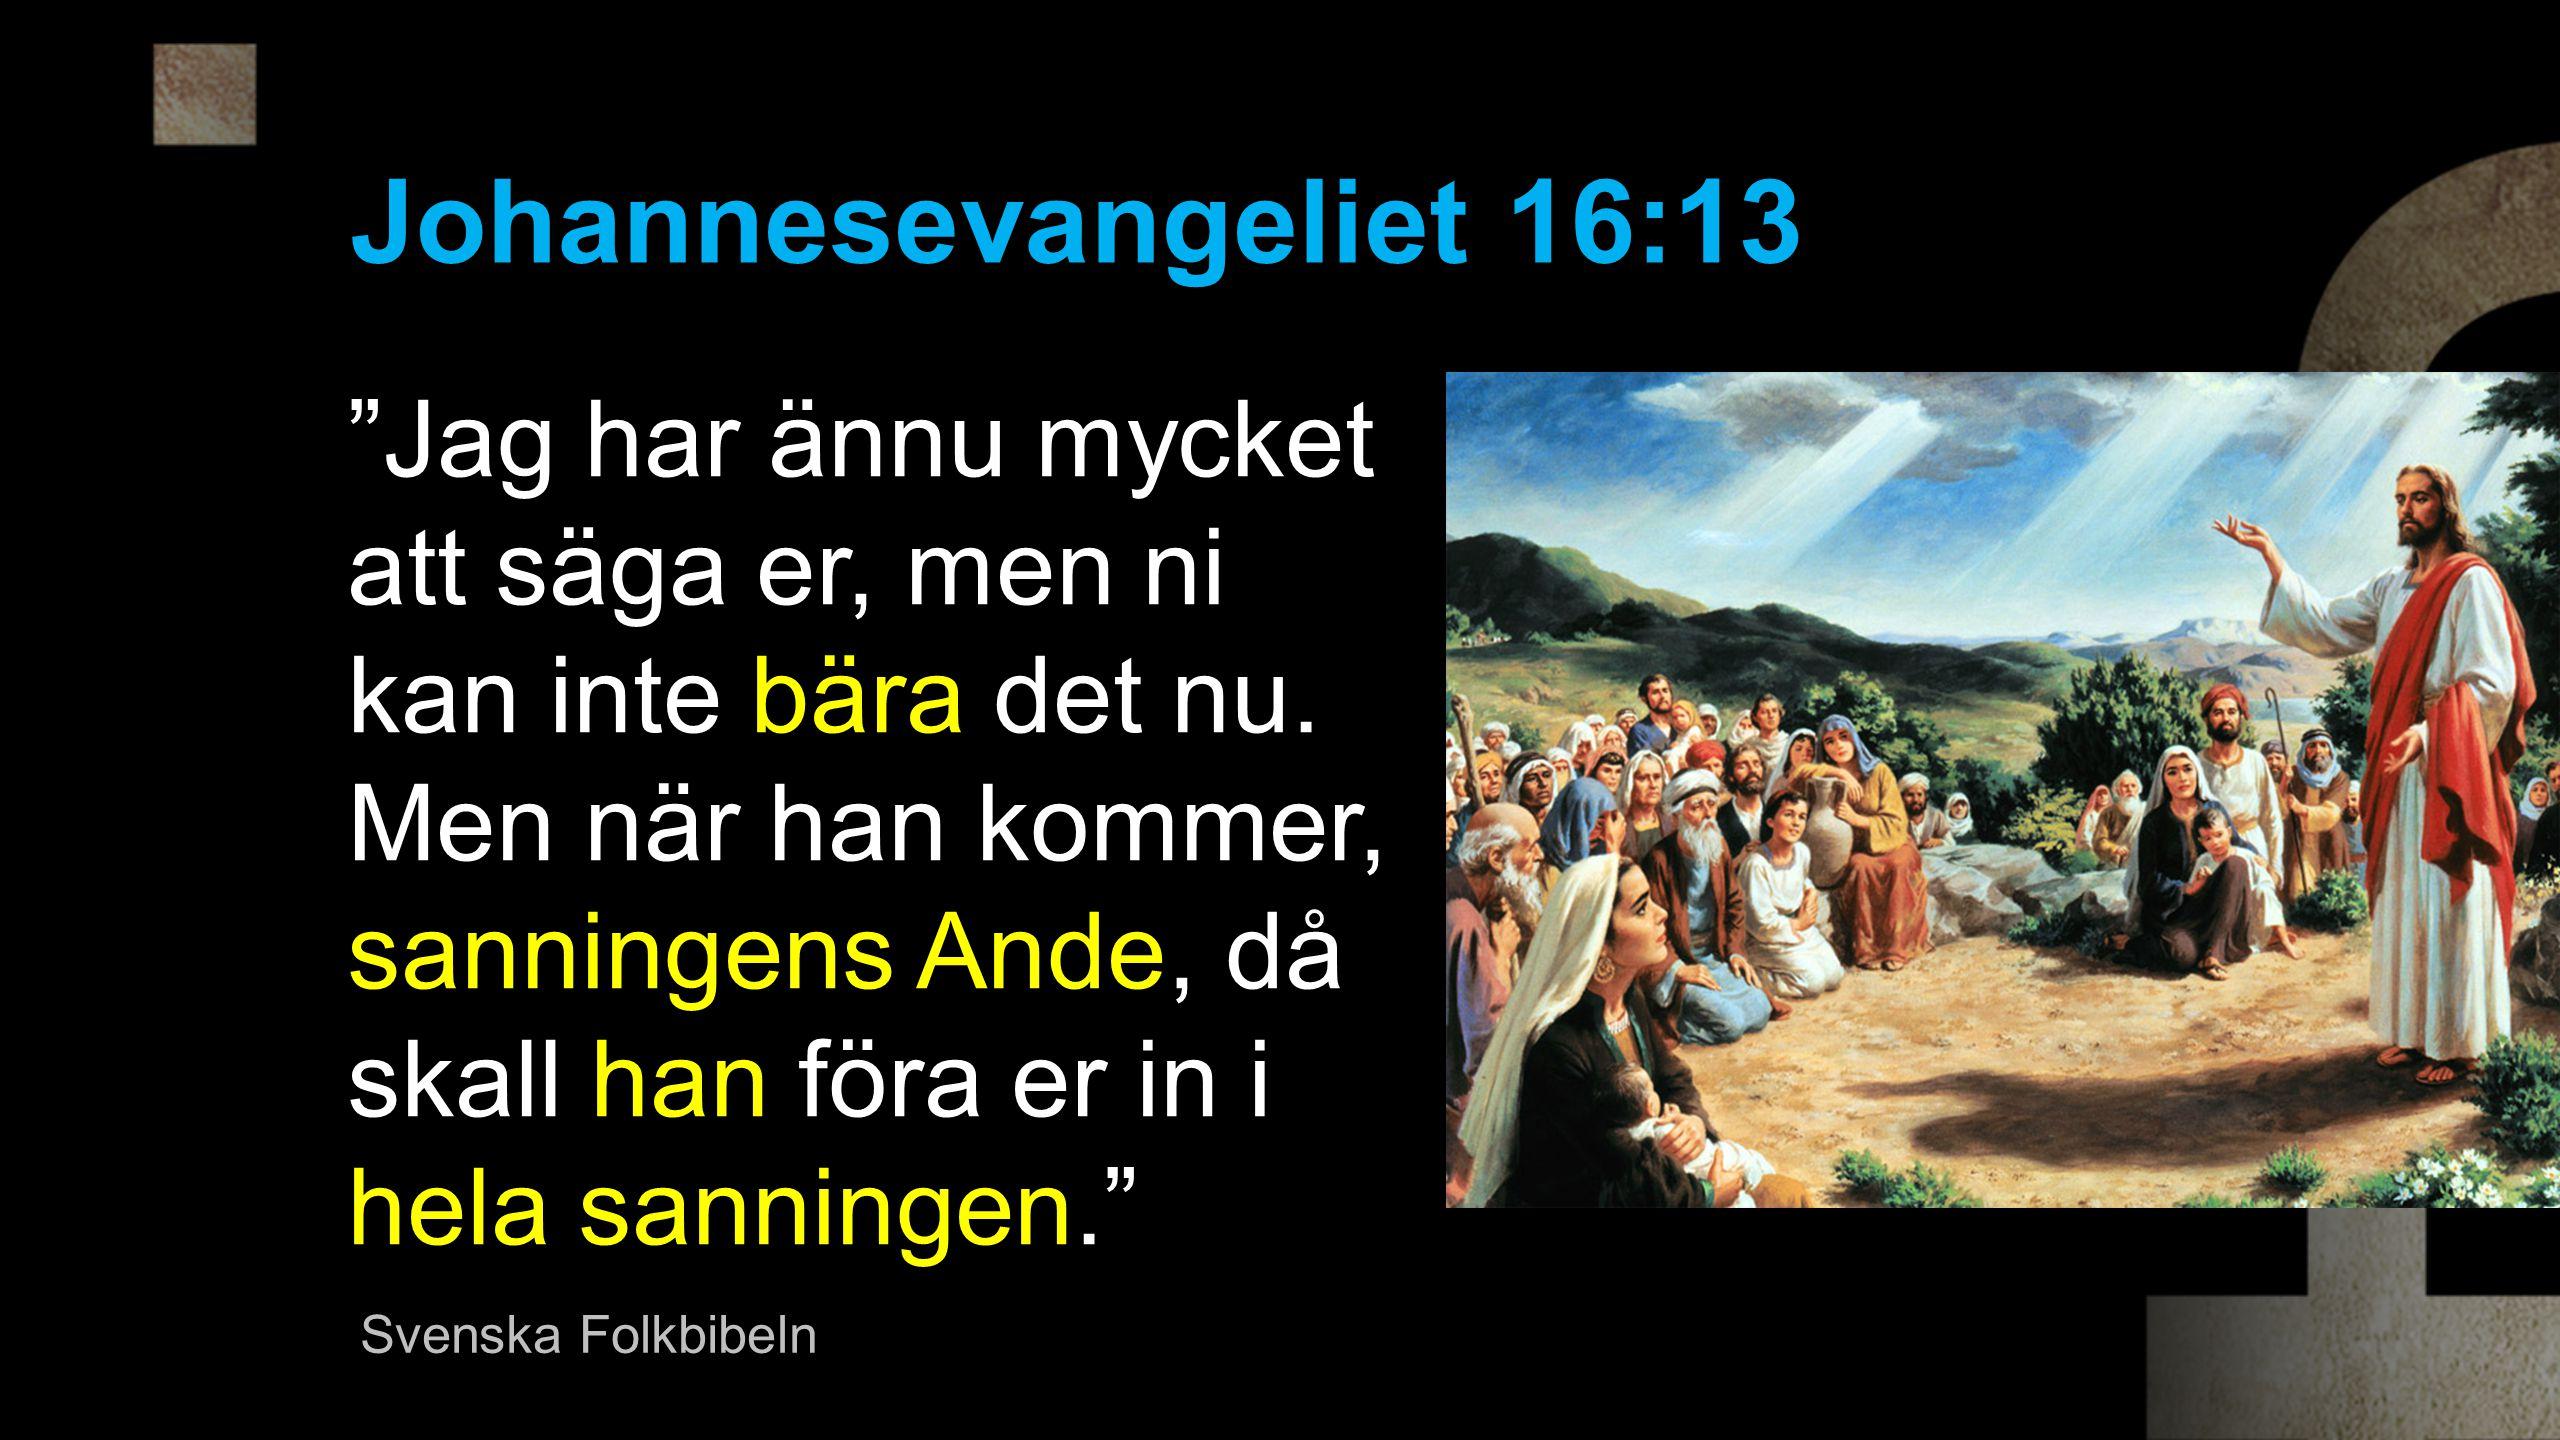 Johannesevangeliet 16:13